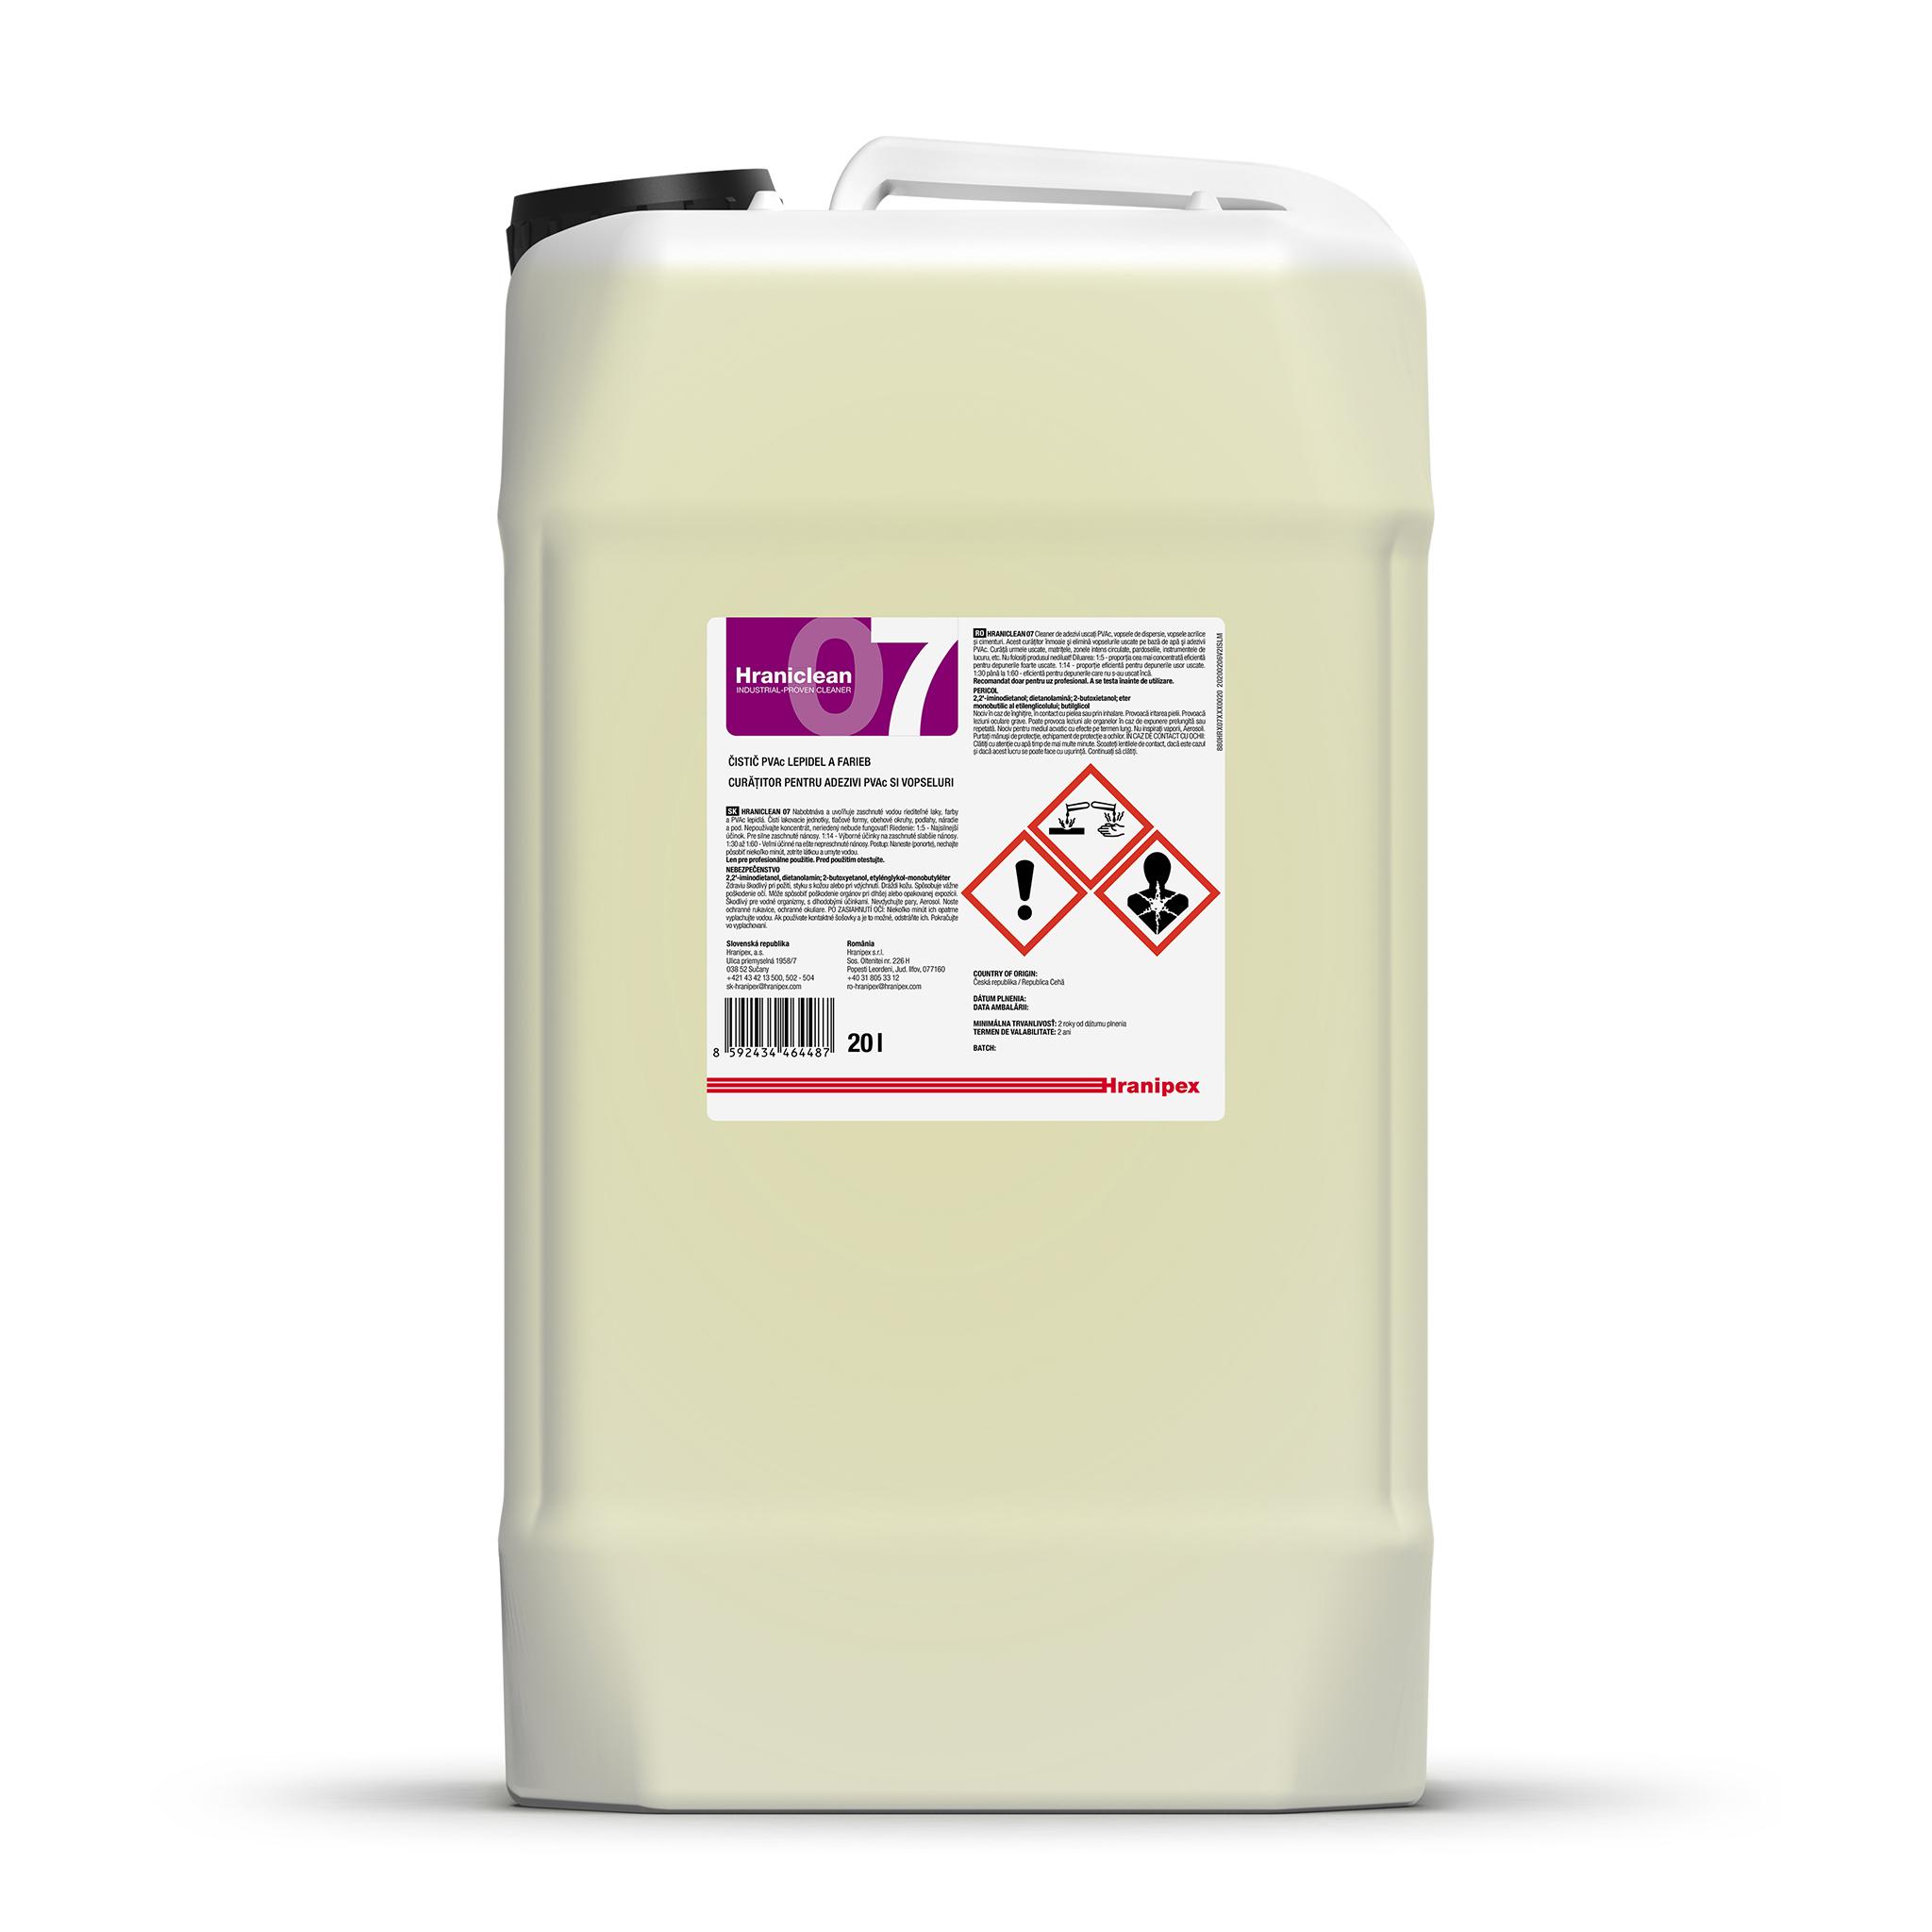 HRANICLEAN 07 Agente limpiador concentrado de adhesivo PVAc y pinturas. 20 l